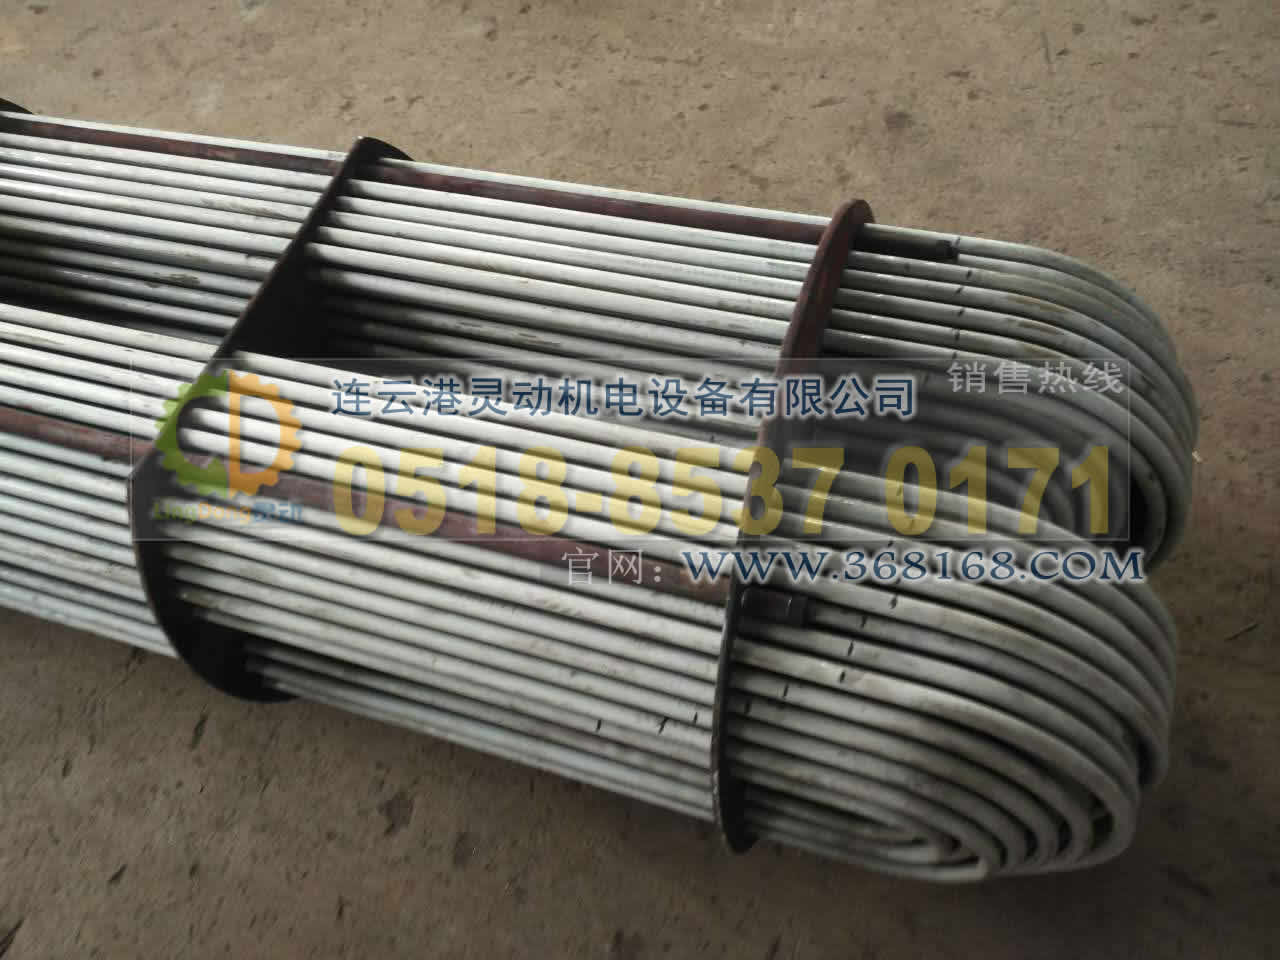 高压加热器耐高温不锈钢U型管换管改造厂家